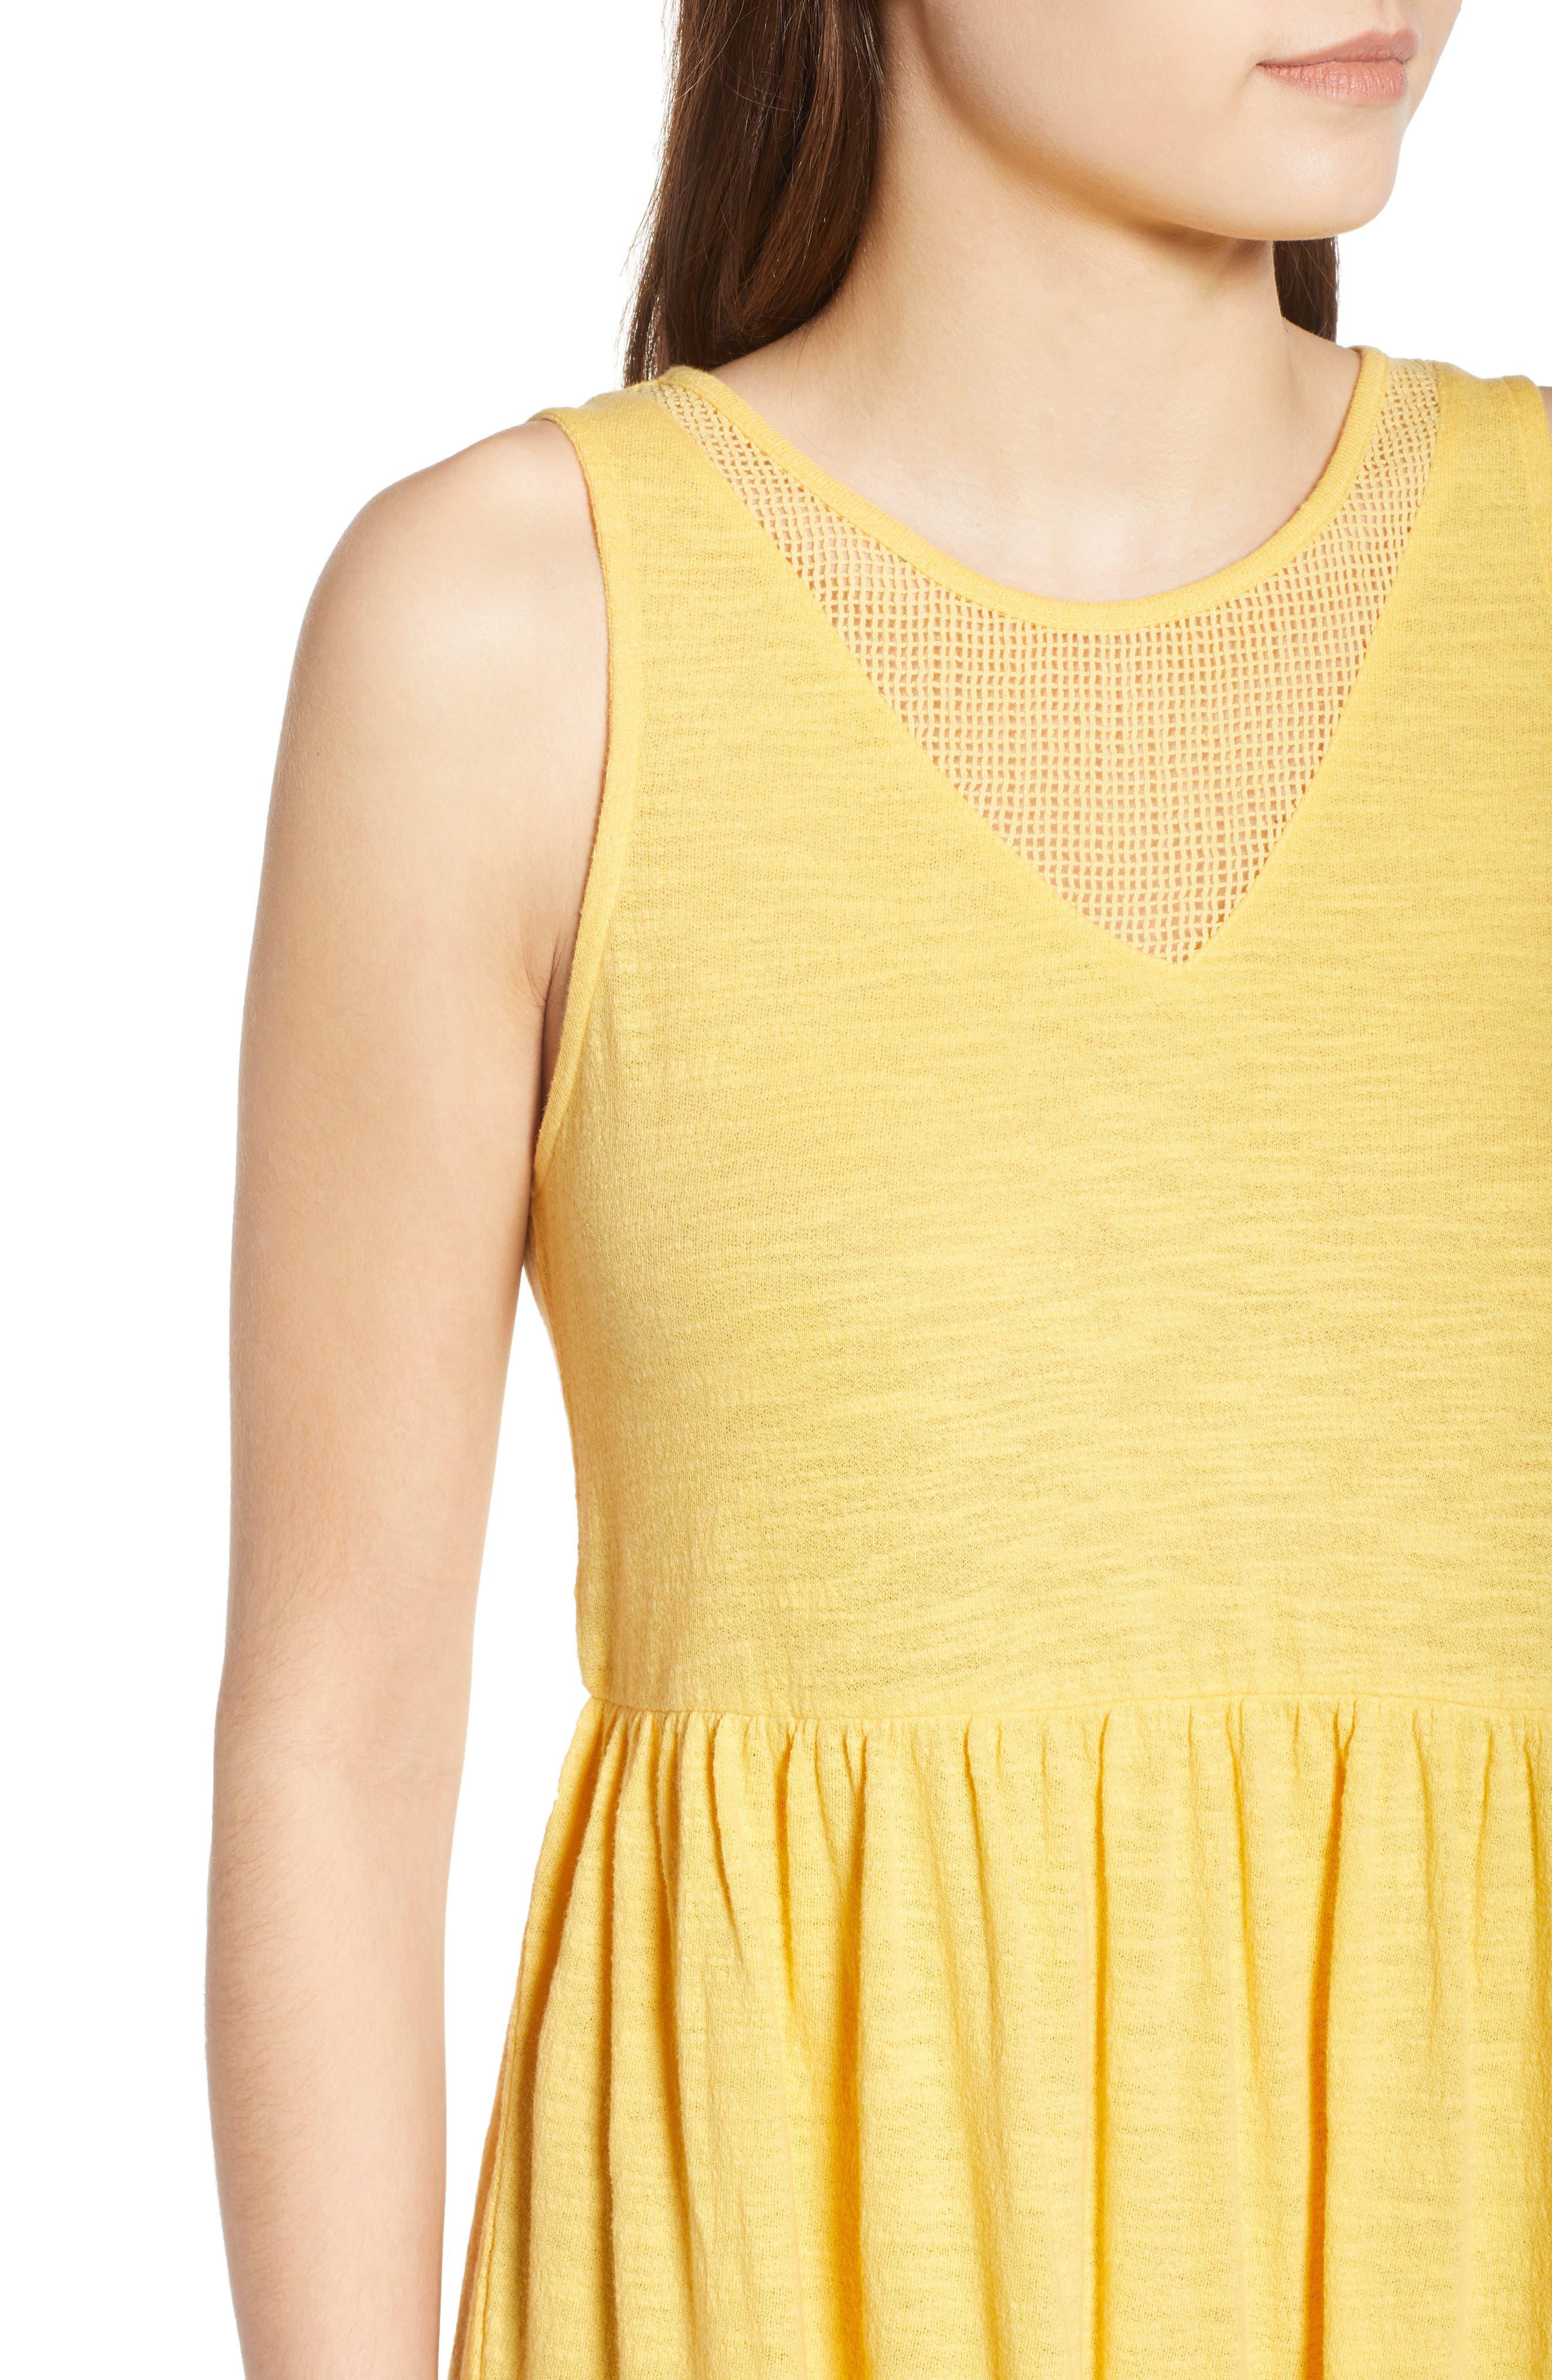 Tucson Cotton Dress,                             Alternate thumbnail 9, color,